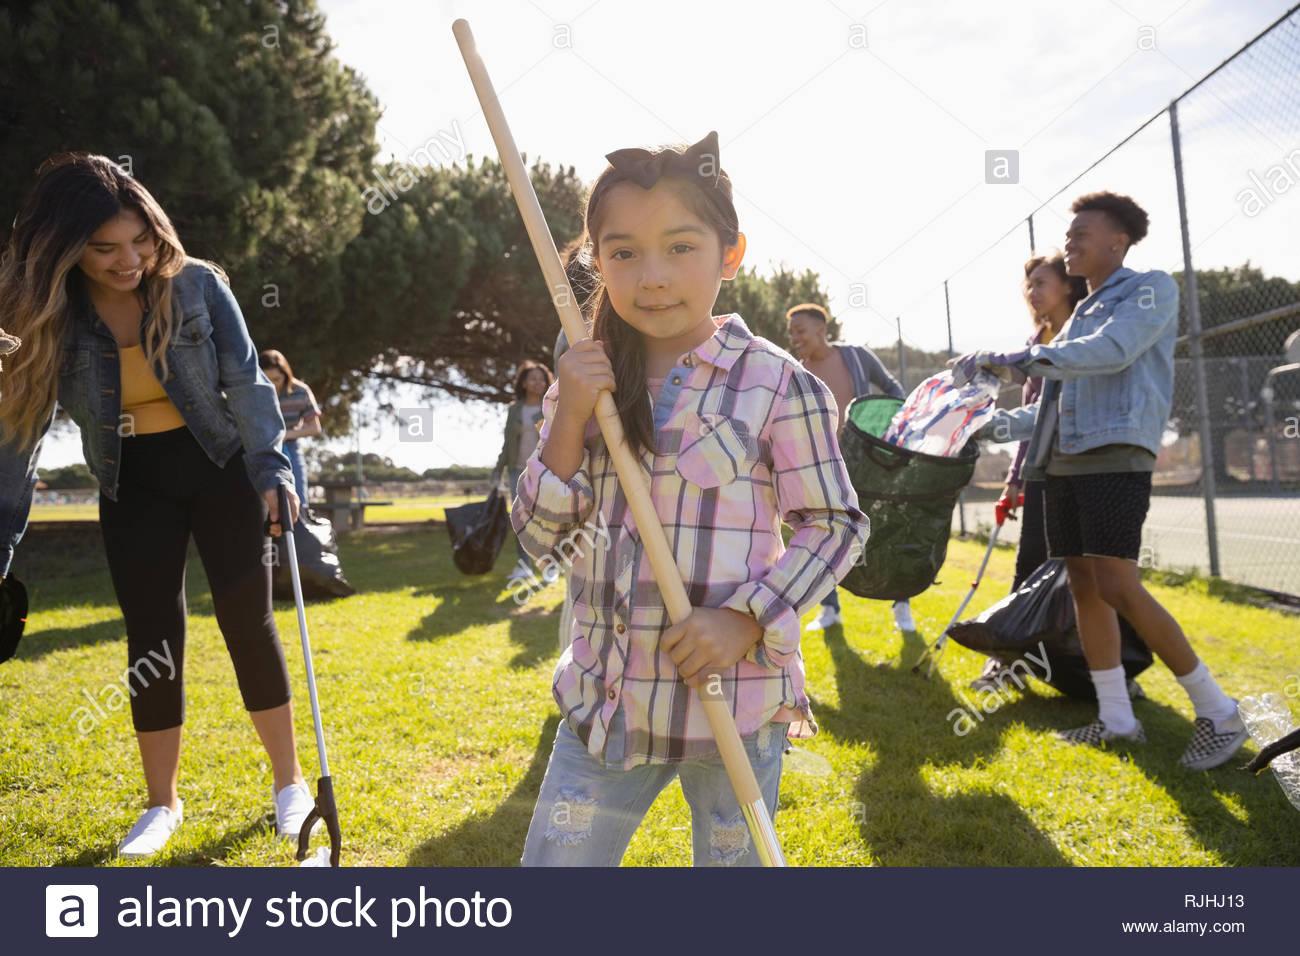 Ritratto ragazza di volontariato parco di pulizia Immagini Stock